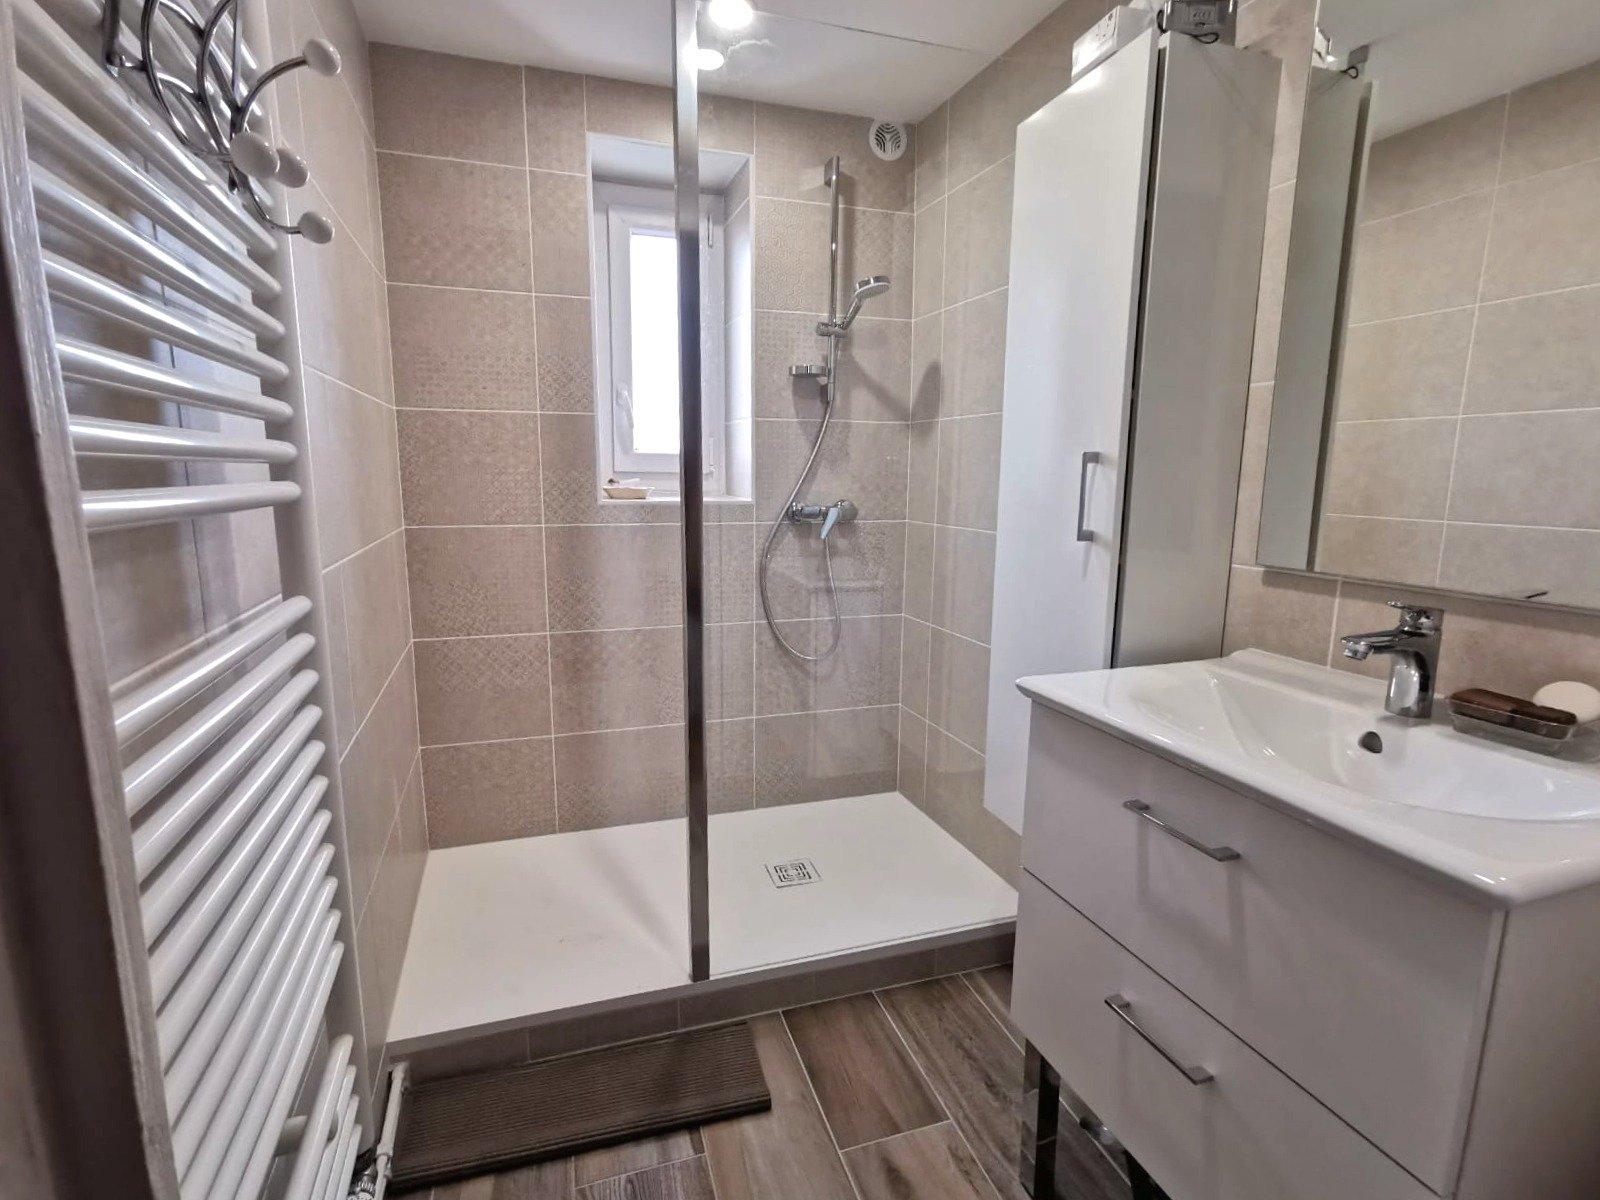 Au calme absolu, venez découvrir cette belle maison de village rénovée avec soin d'une surface habitable de 107 m² avec une terrasse arborée de 40 m², un garage et une cave. Ce bien dispose d'une belle entrée donnant sur une vaste pièce de vie avec cuisine équipée, de trois chambres, d'une salle d'eau, d'un toilette, ainsi que d'une pièce de 30 m² pouvant être aménagée selon vos besoins. Maison très chaleureuse, soigneusement entretenue, aucun travaux à prévoir. A découvrir sans tarder. Honoraires à la charge du vendeur.